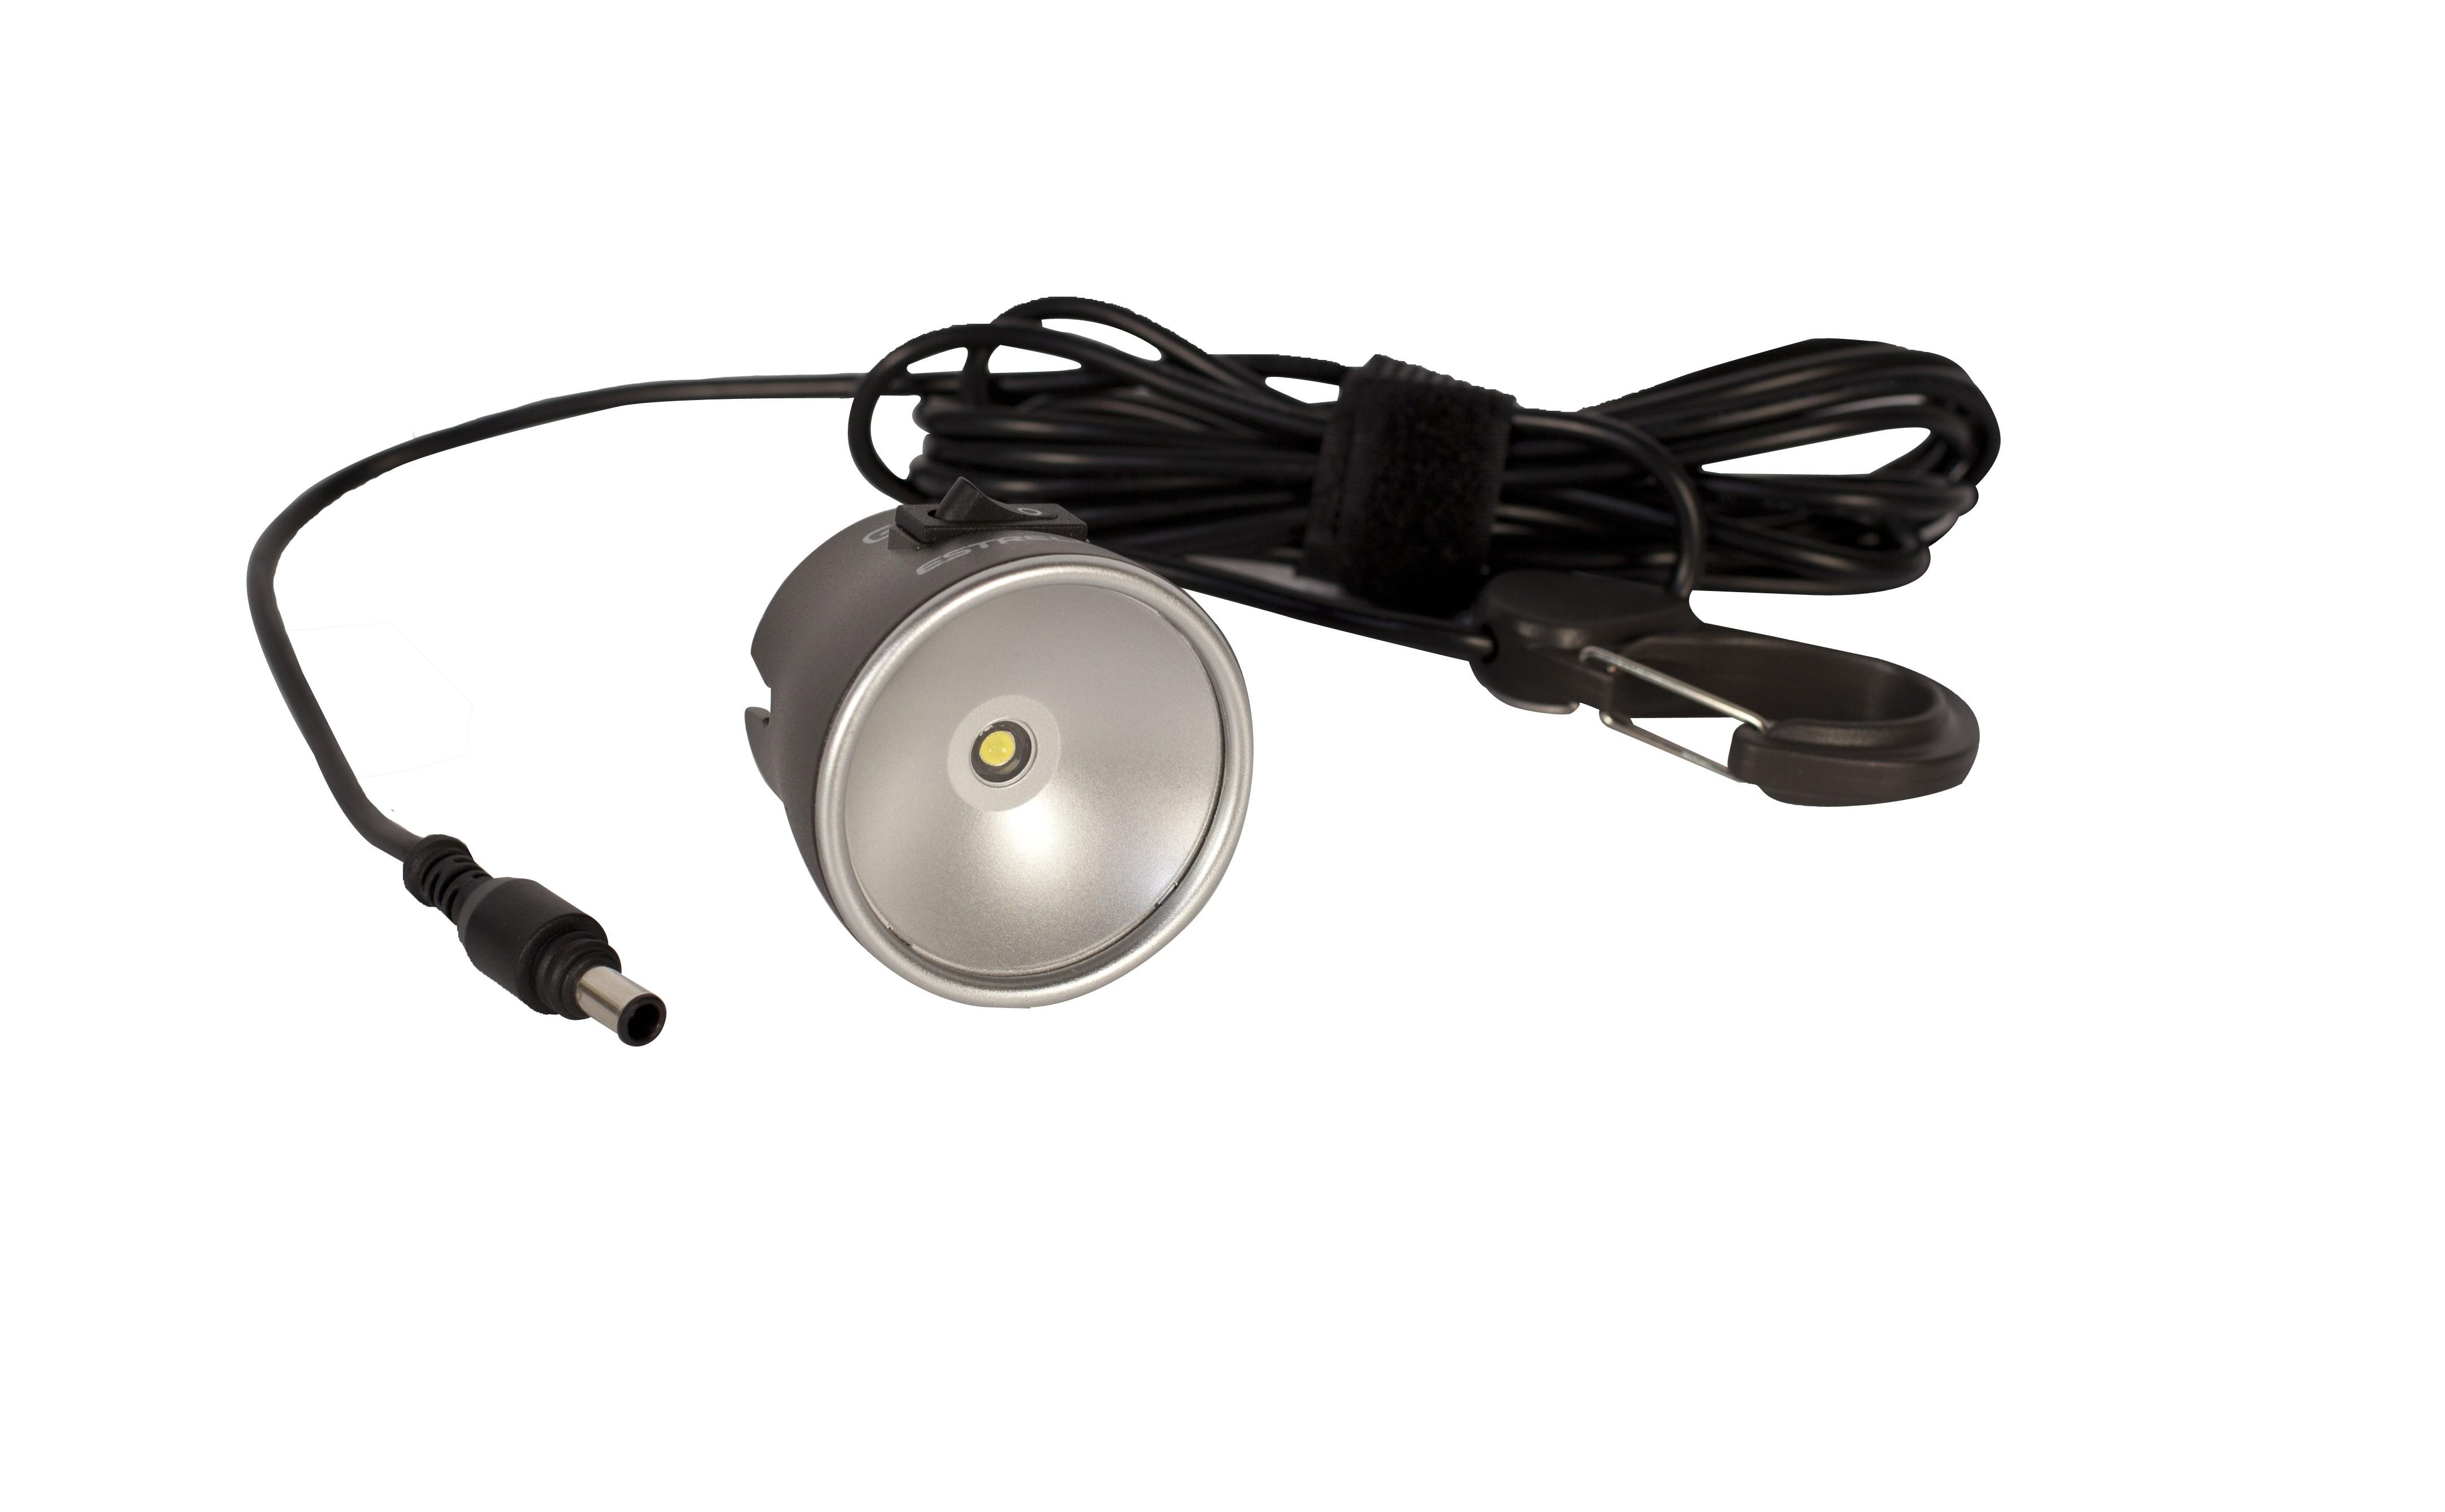 27632 Luxus Led Lampe 3 Watt Dekorationen